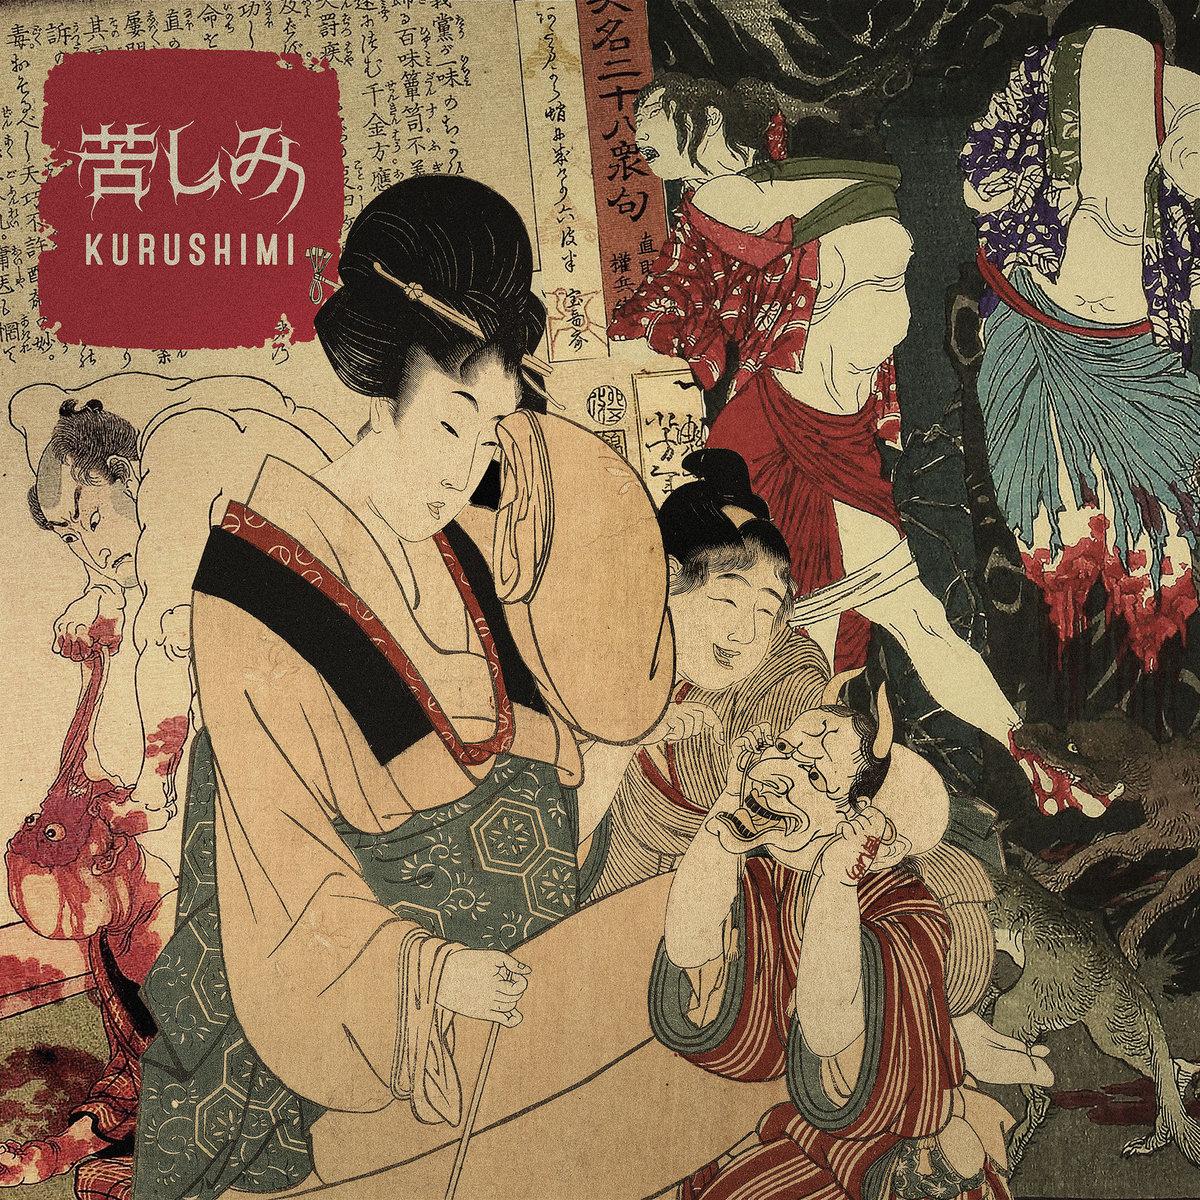 'Kurushimi'